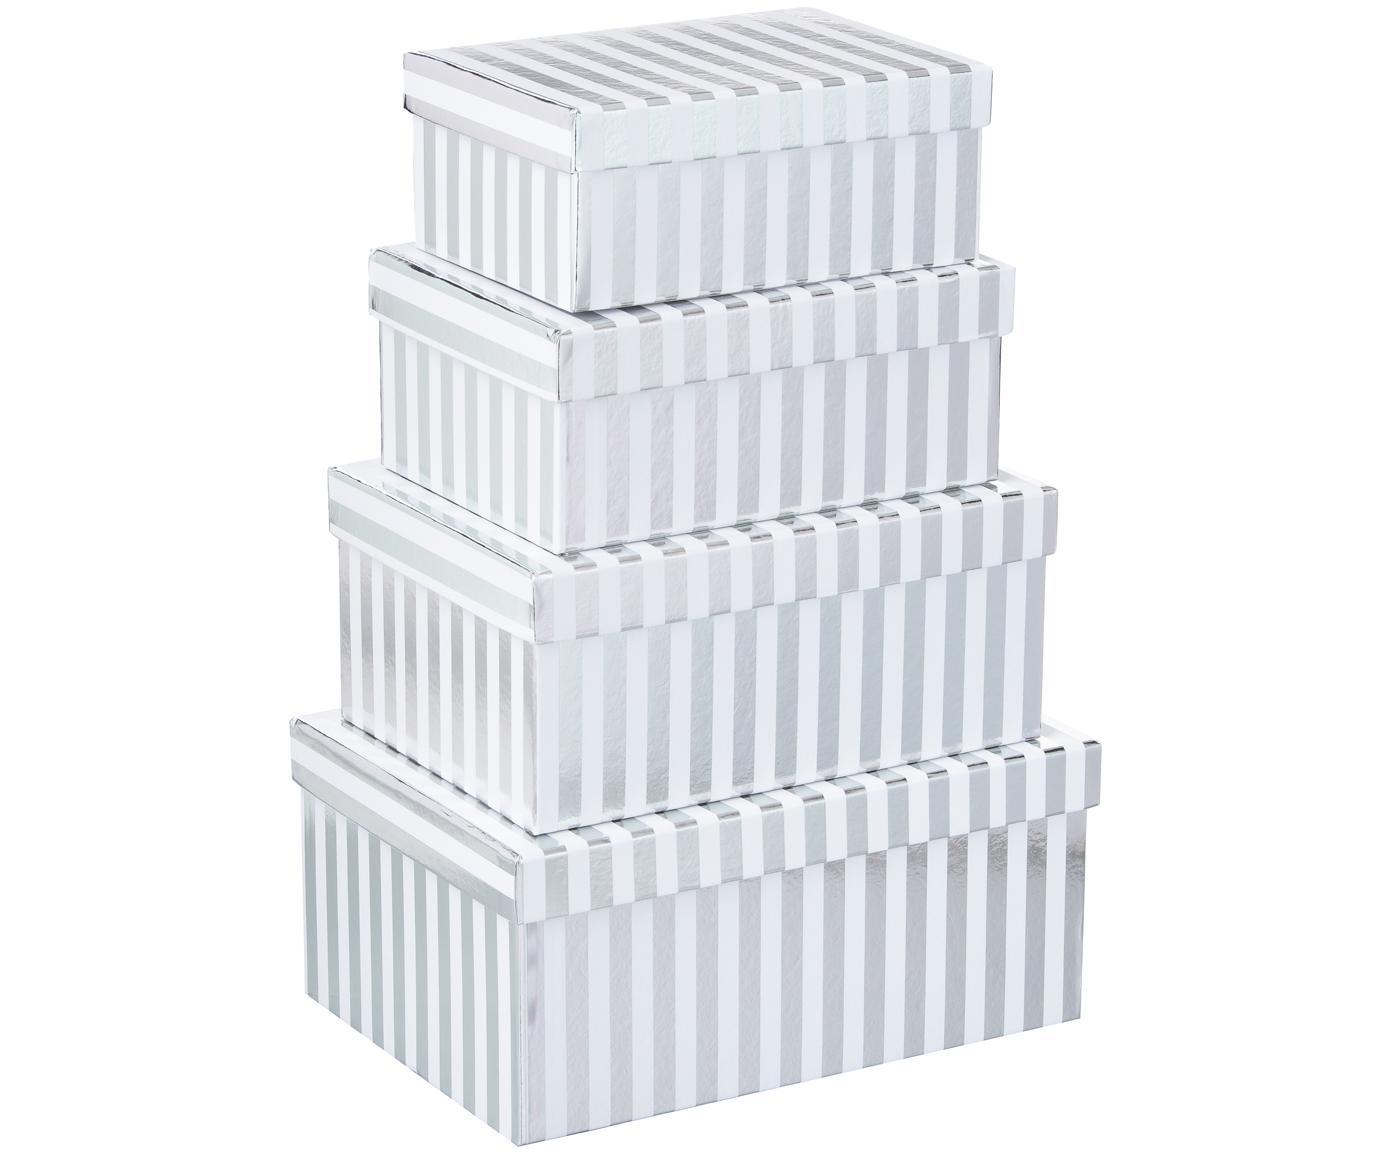 Set de cajas regalo Stripes, 4pzas., Cartón, Blanco, plateado, Tamaños diferentes